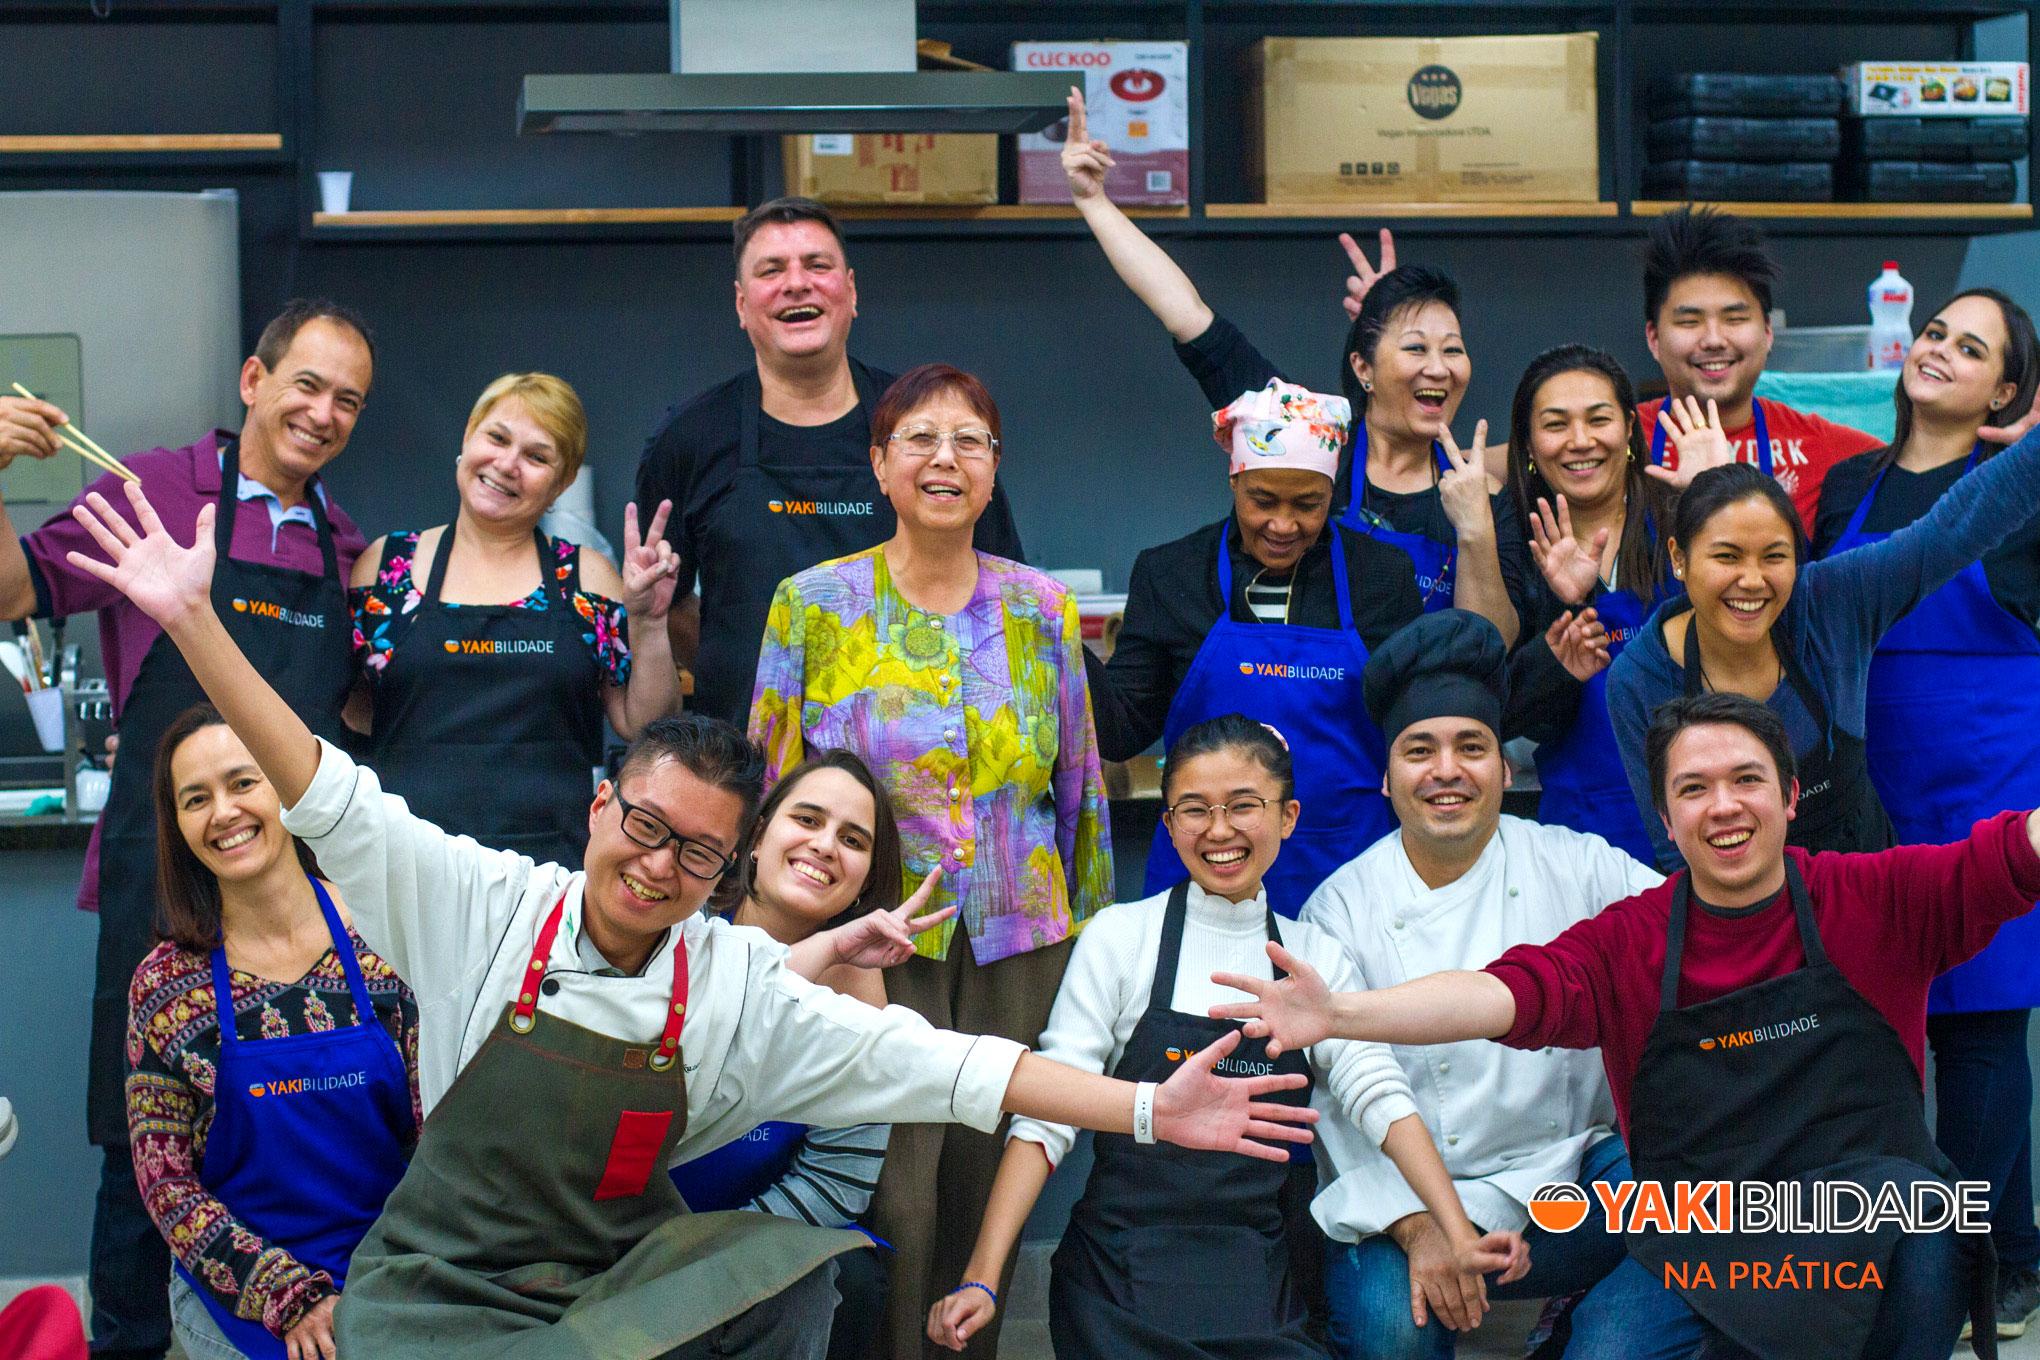 Turma 01 - Curso de Culinária Japonesa Yakibilidade na Prática